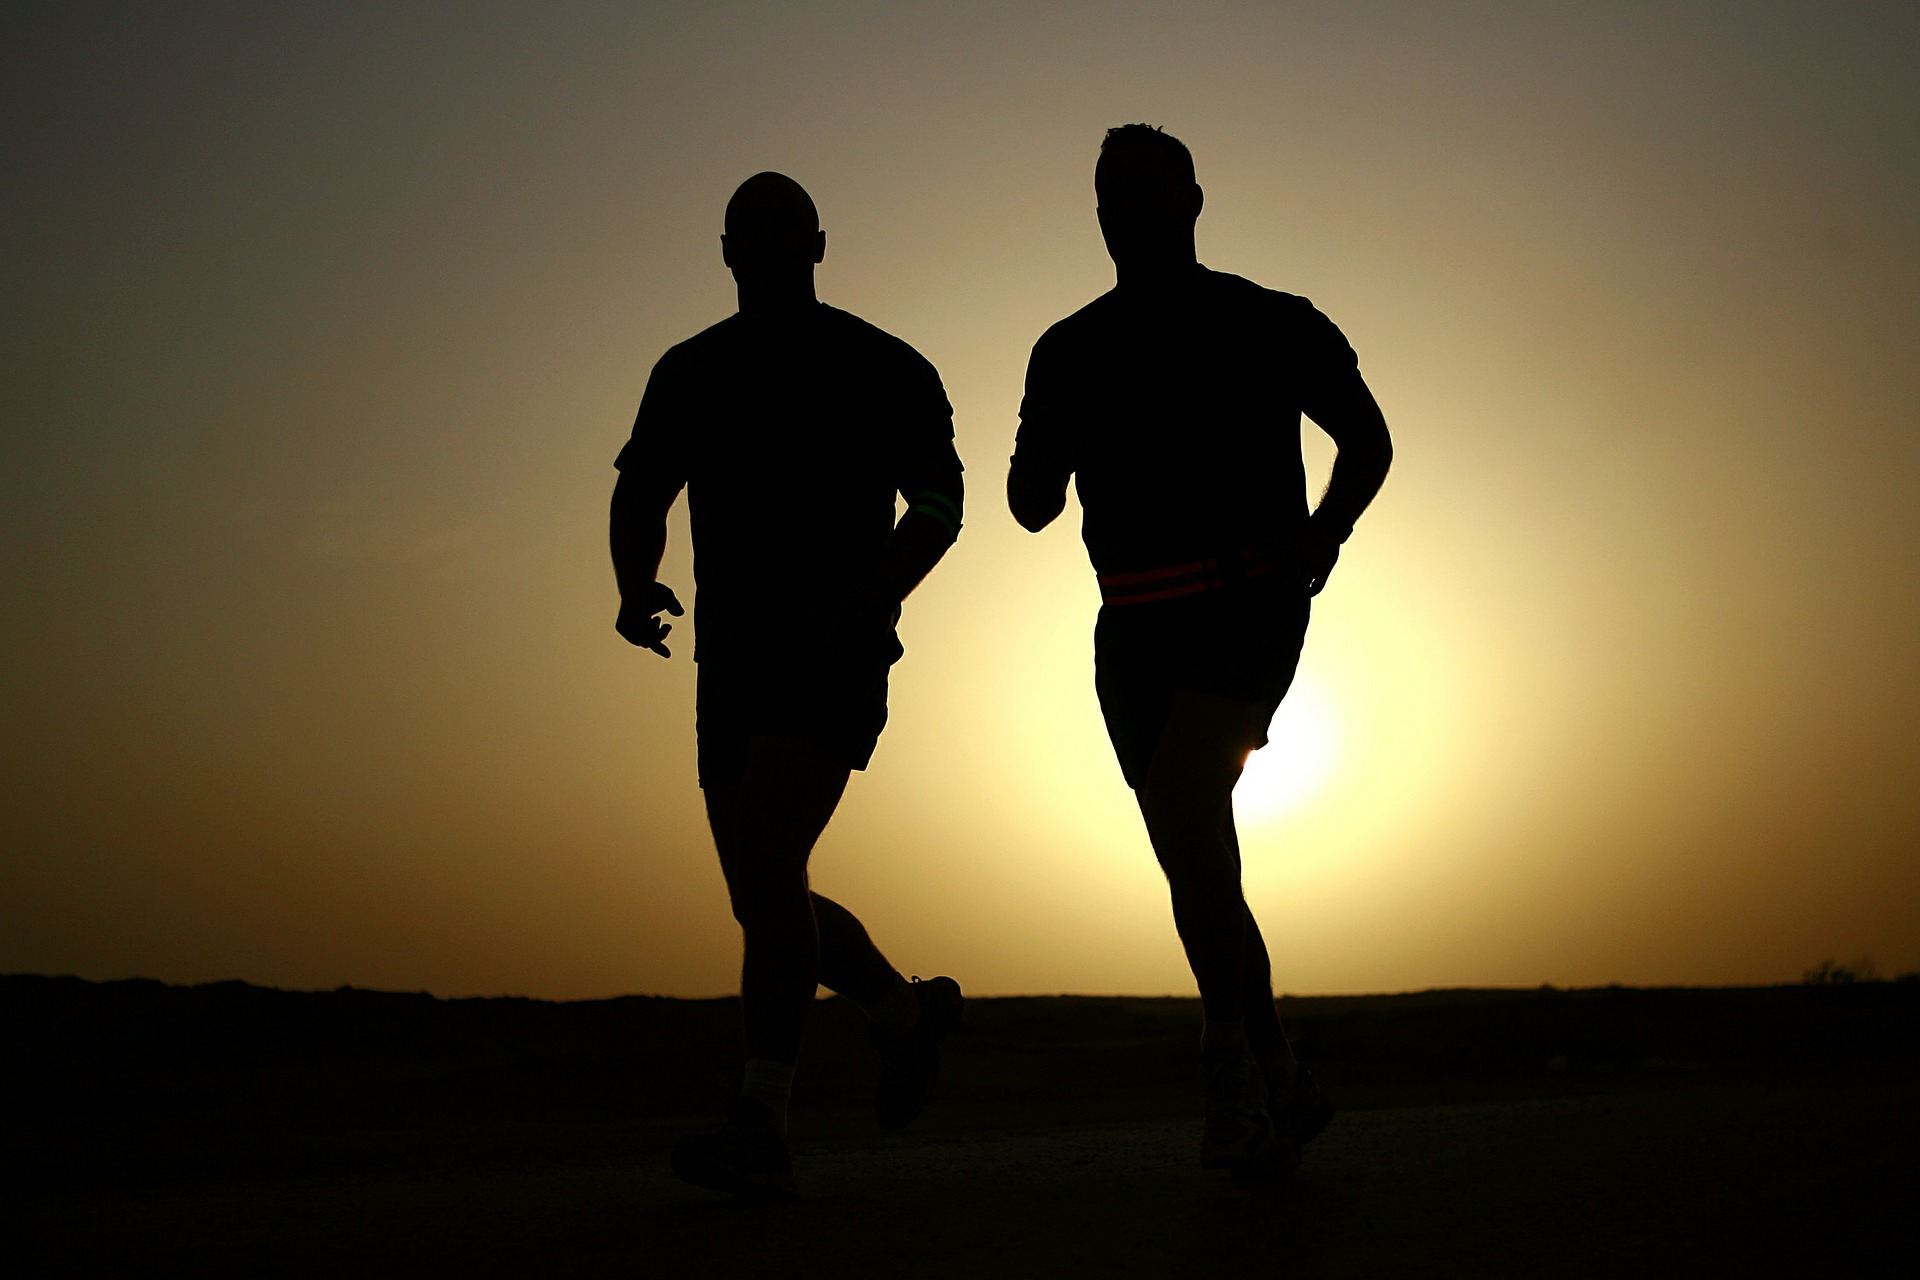 runners-635906_1920.jpg